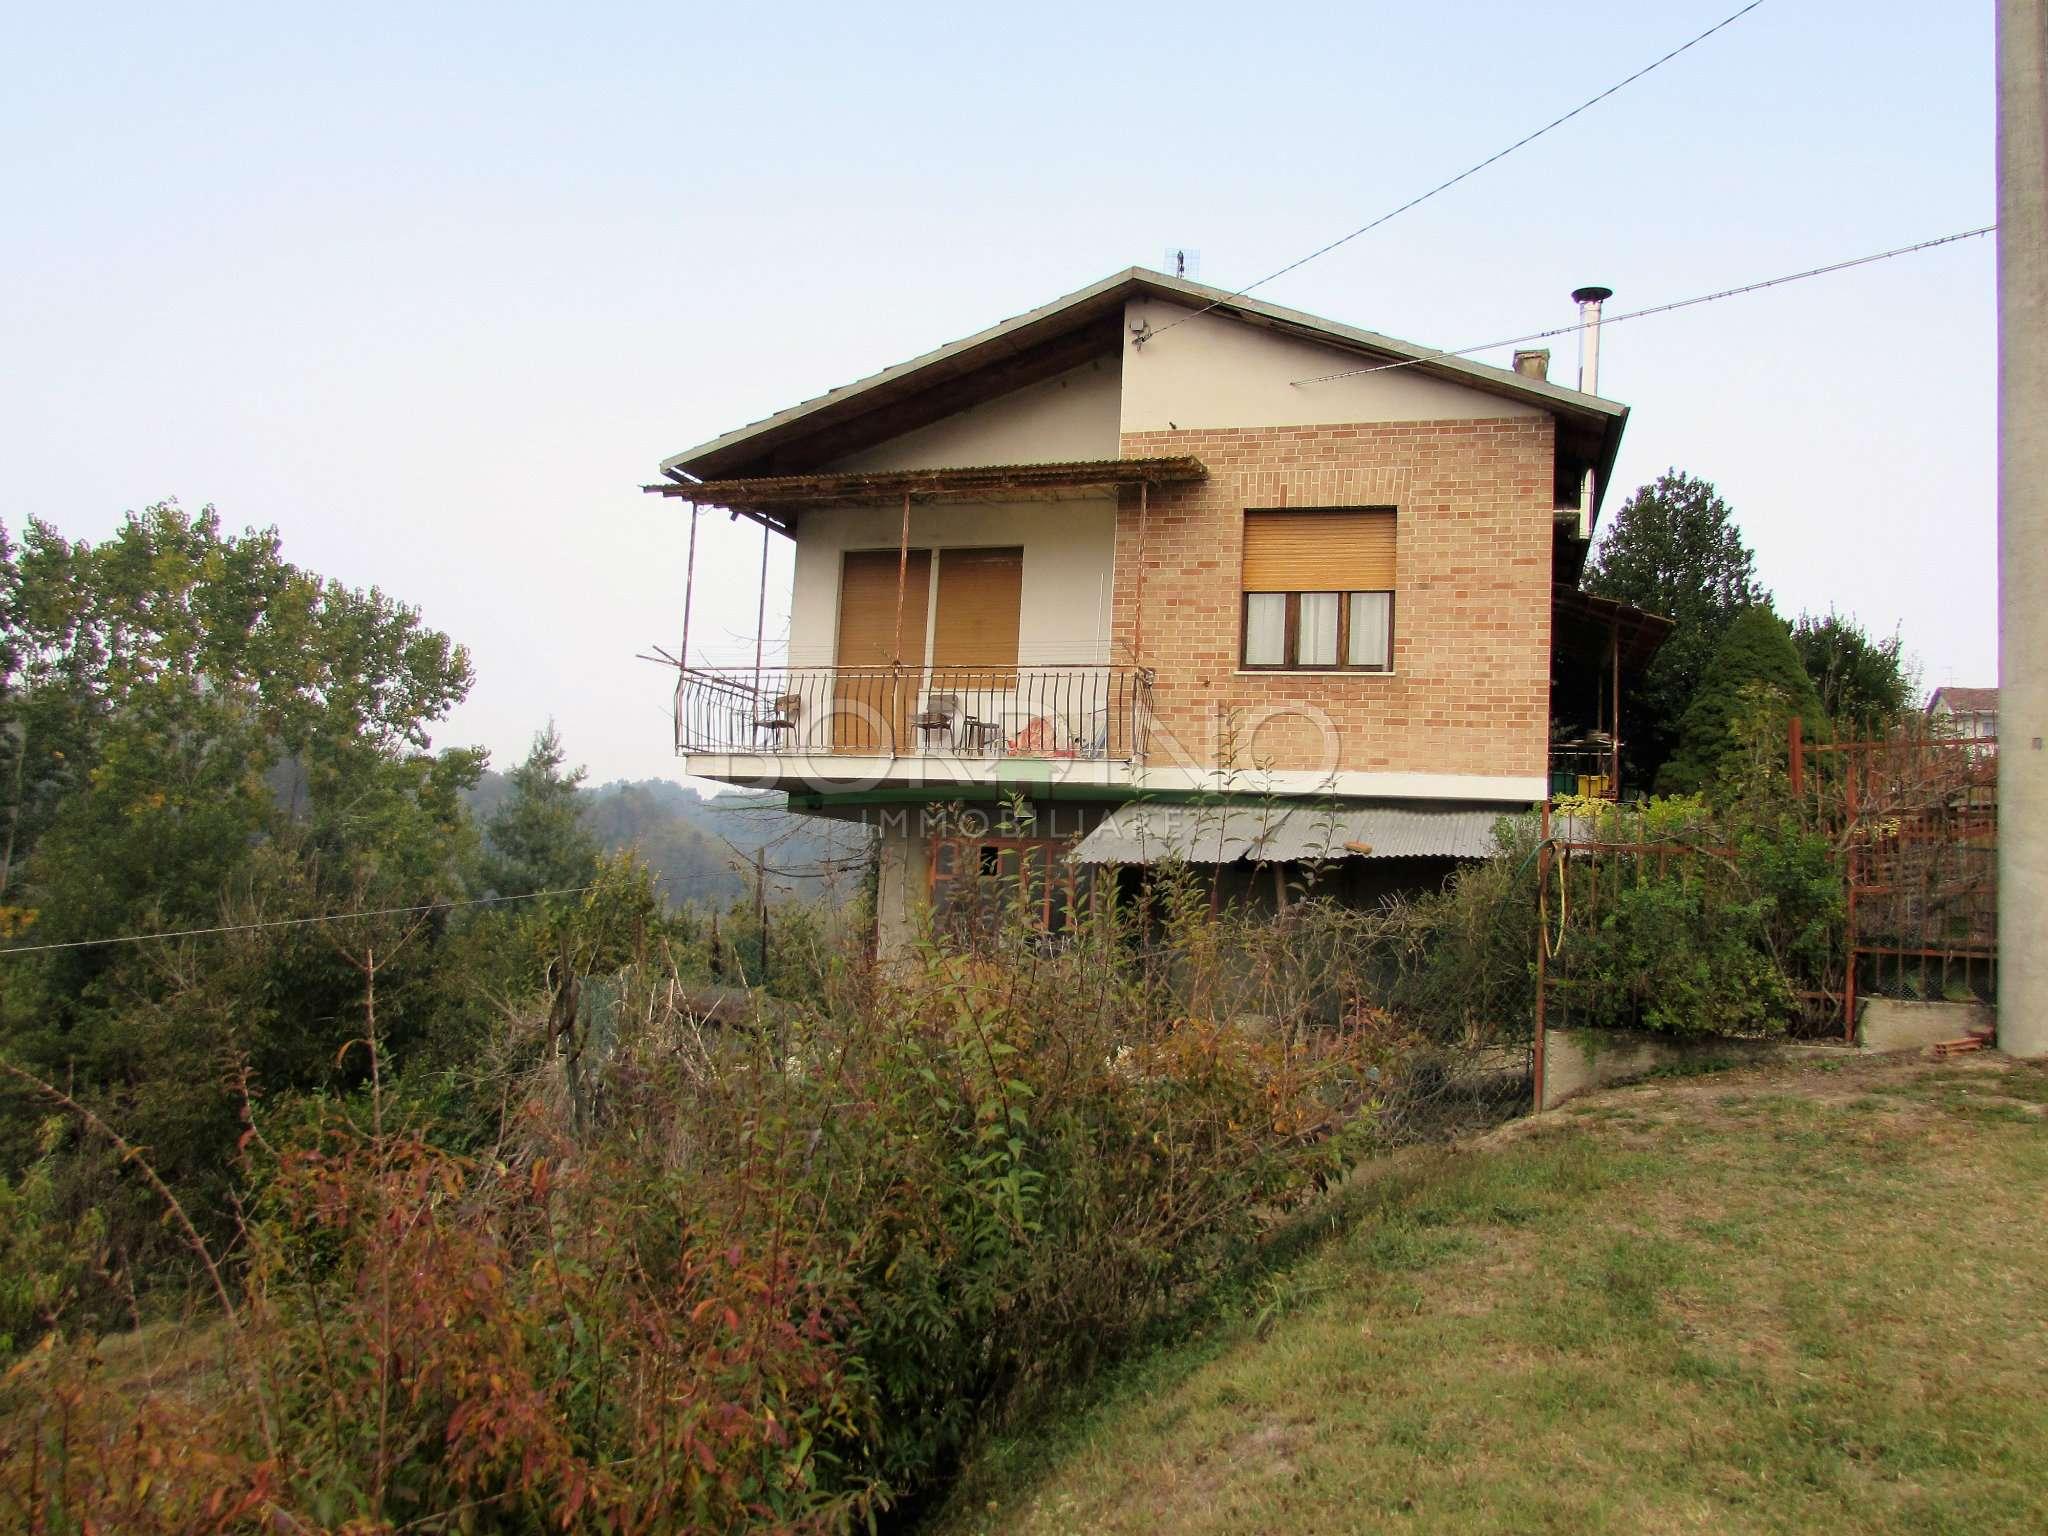 Soluzione Indipendente in vendita a Piea, 4 locali, prezzo € 55.000 | PortaleAgenzieImmobiliari.it